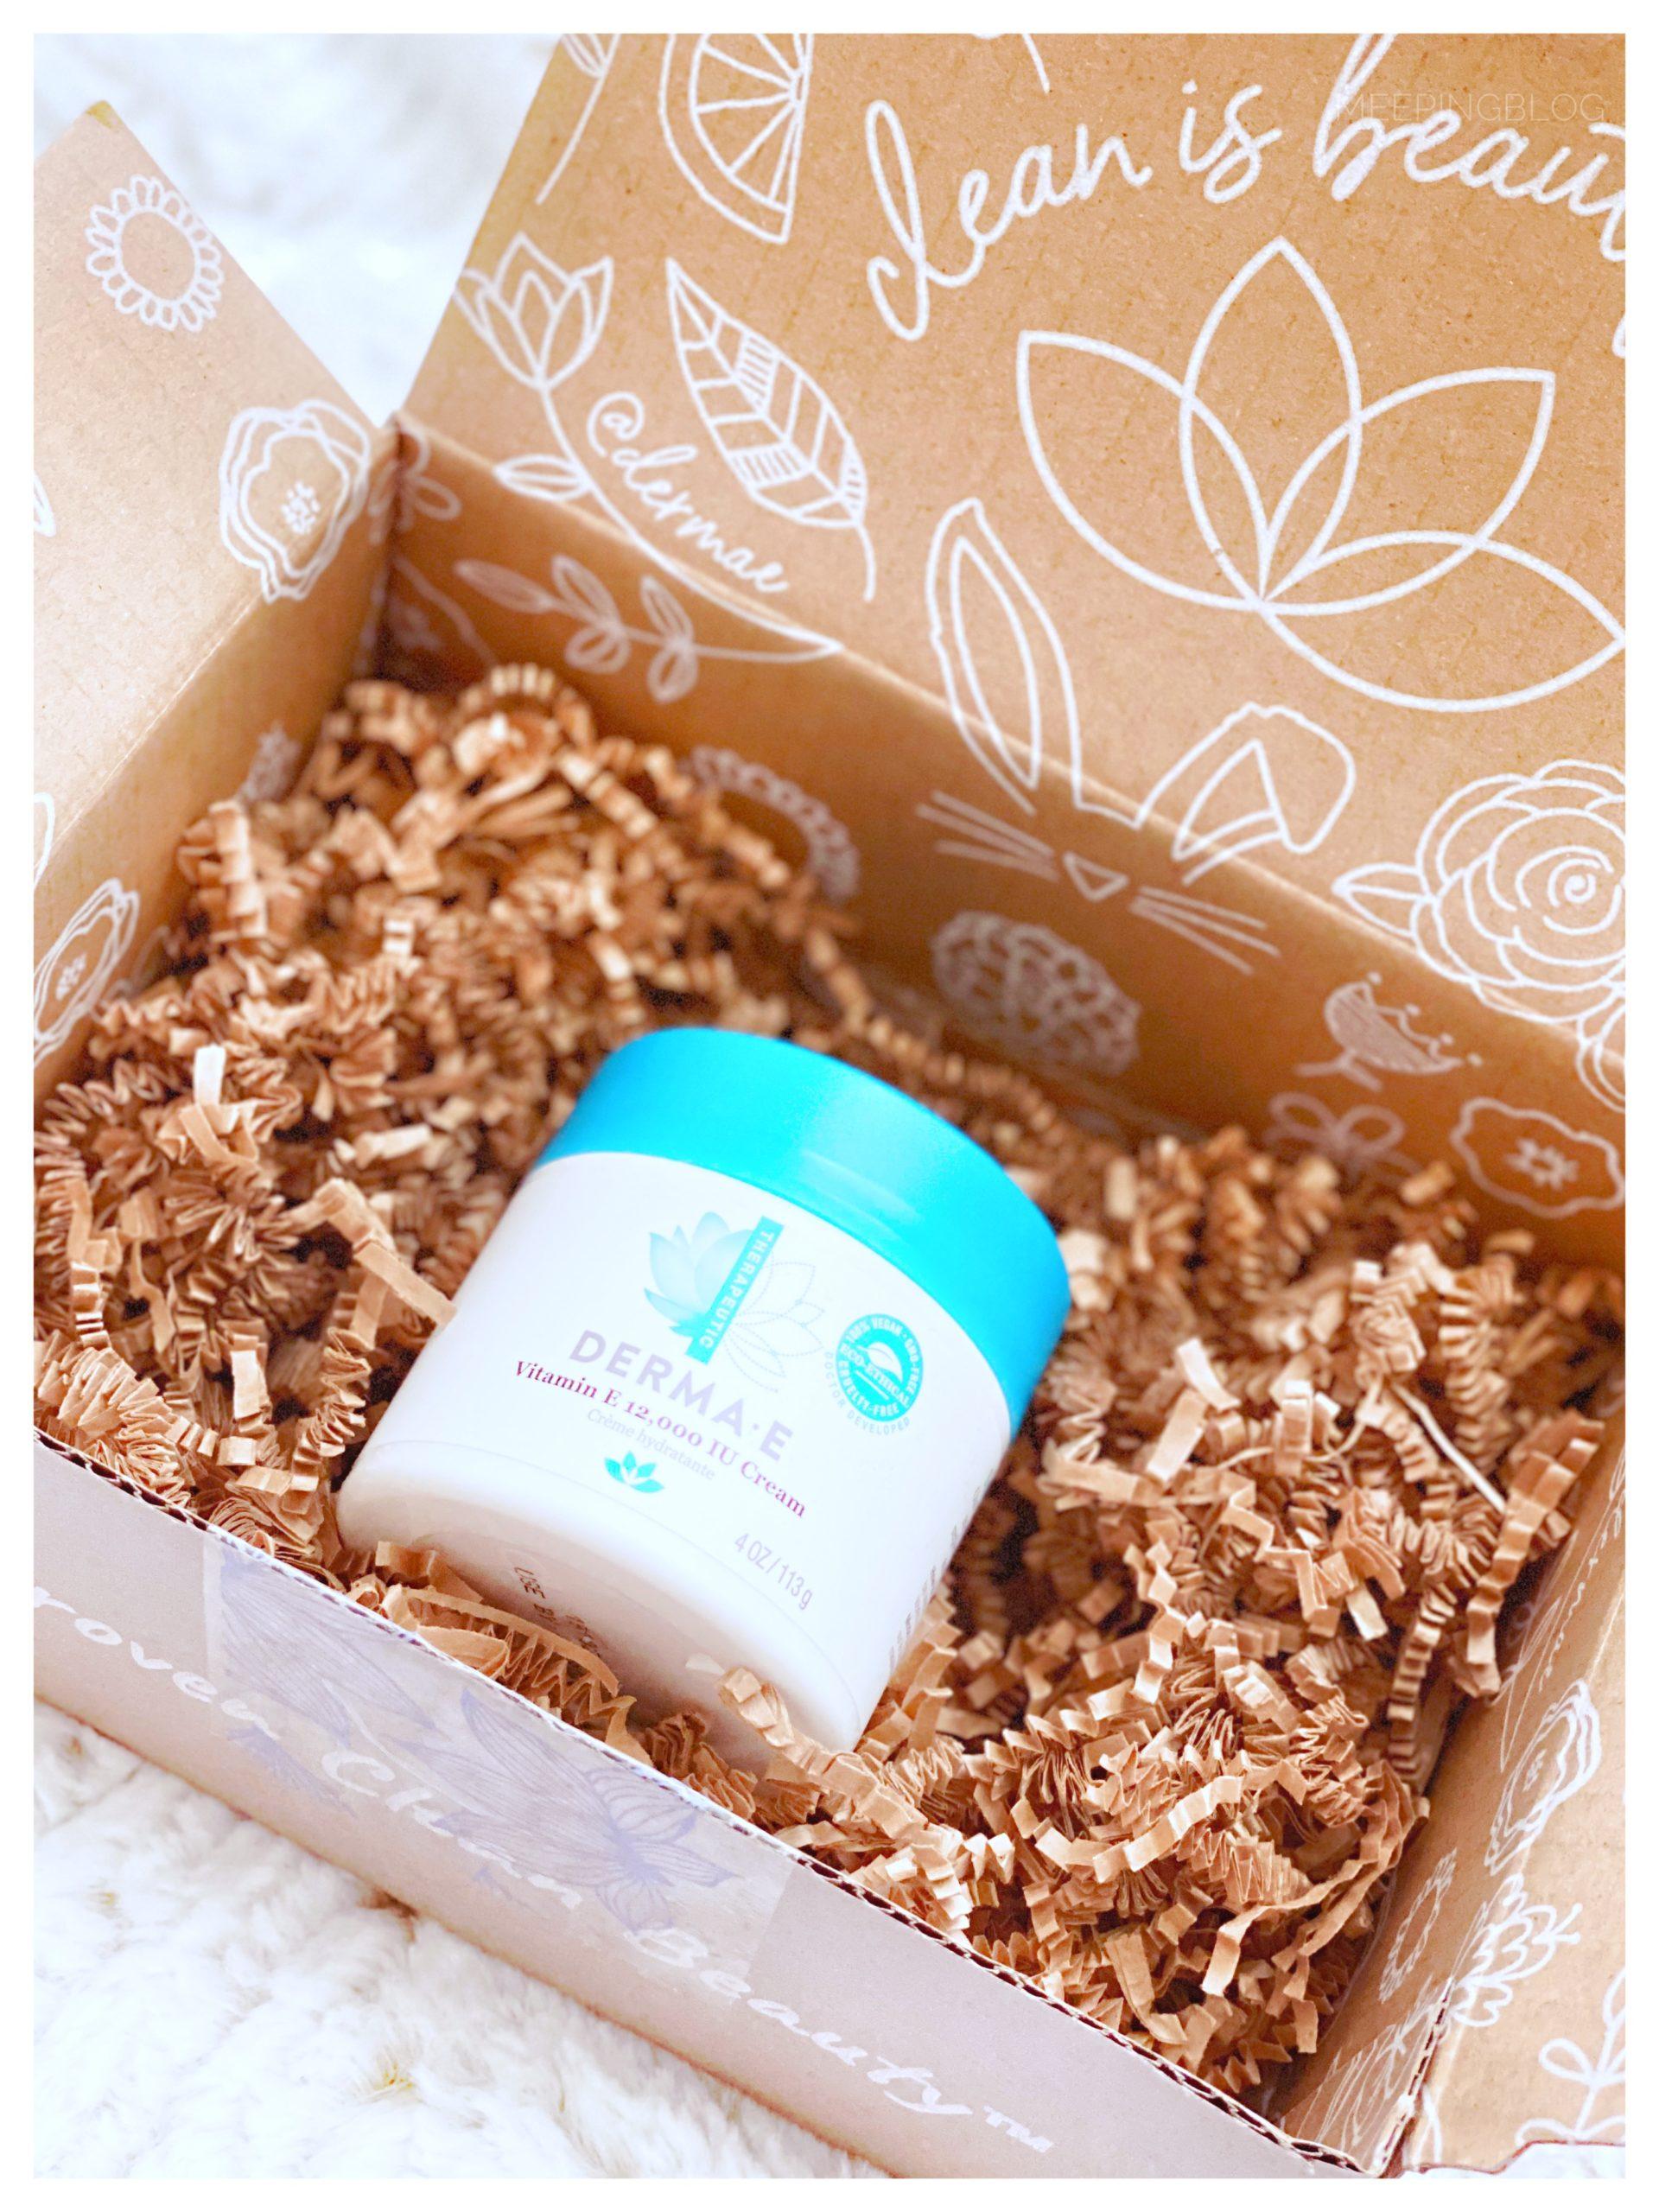 Derma E Vitamin E 12,000 IU Cream | Review